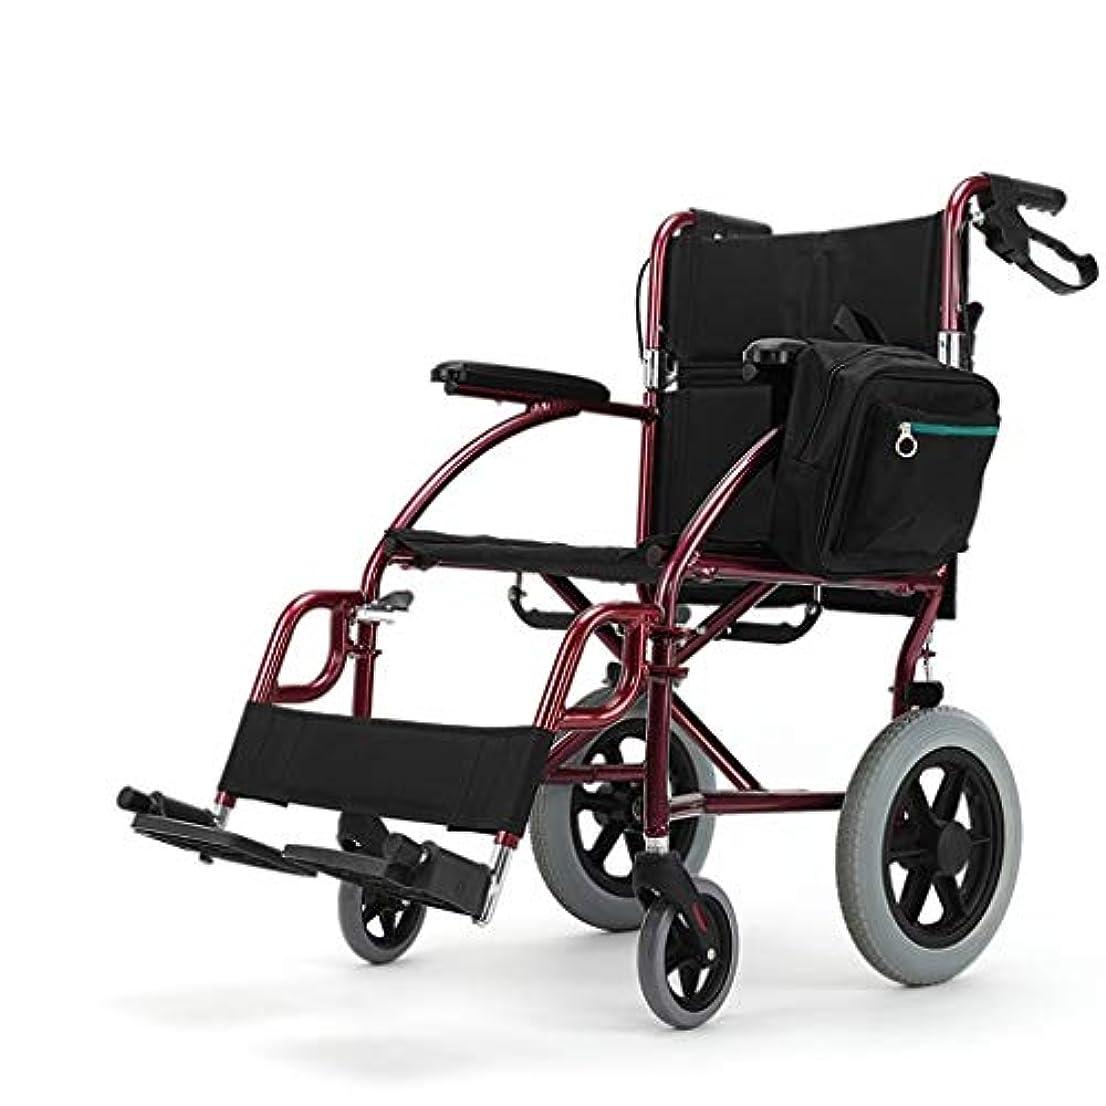 マーク犯すのぞき見折りたたみ車椅子取り外し可能なペダル、折りたたみ式背部無効車椅子、屋外旅行車椅子用の軽量でポータブル